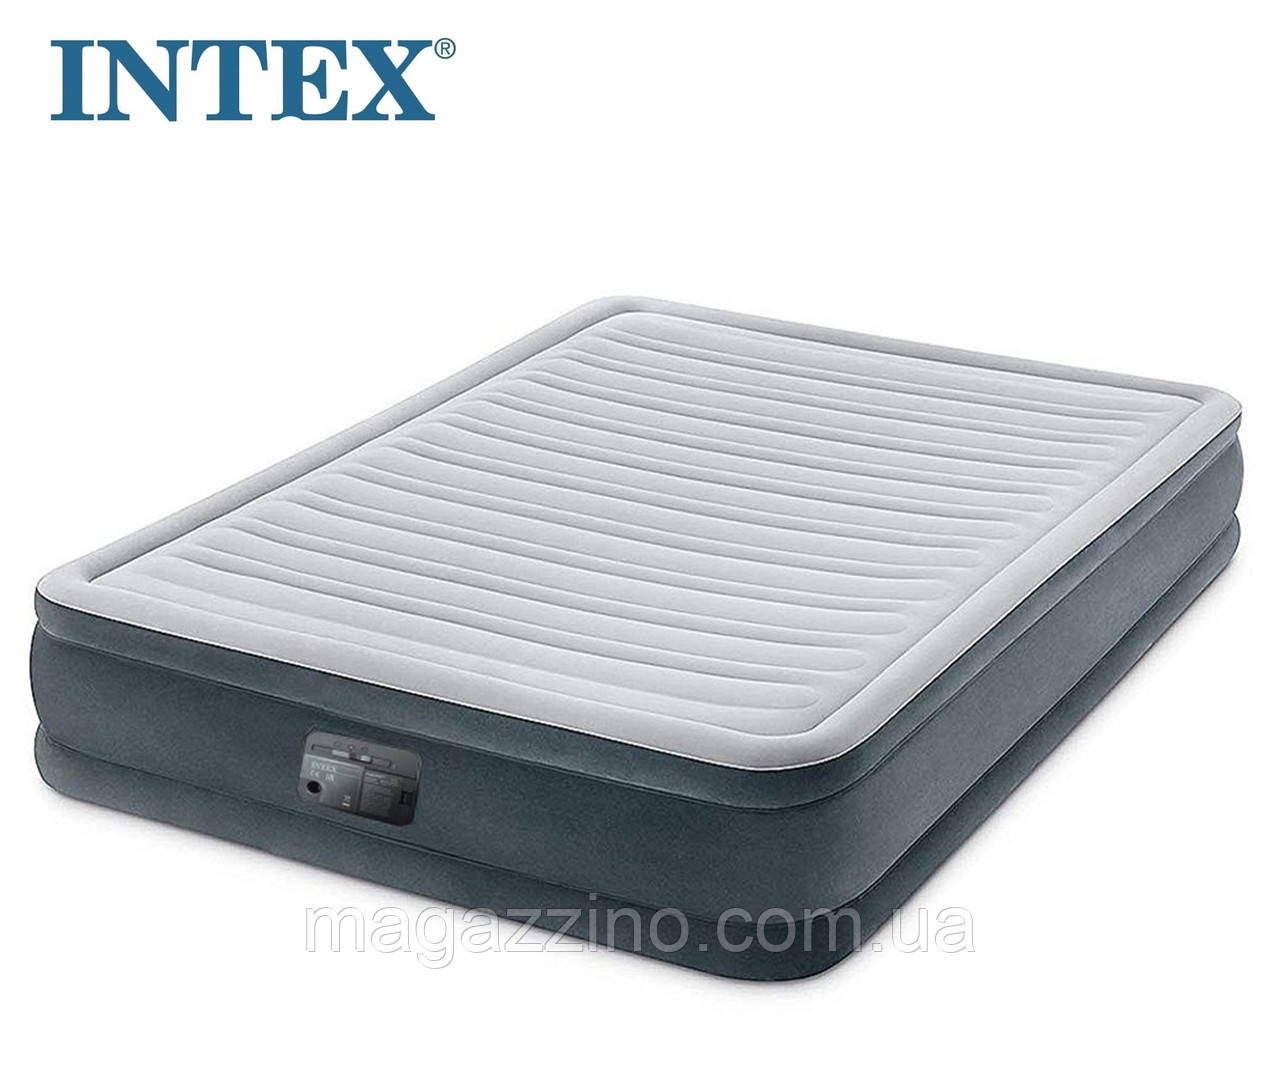 Надувной двухместный матрас Intex с велюровым покрытием, со встроенным насосом, 203x152x33 см.